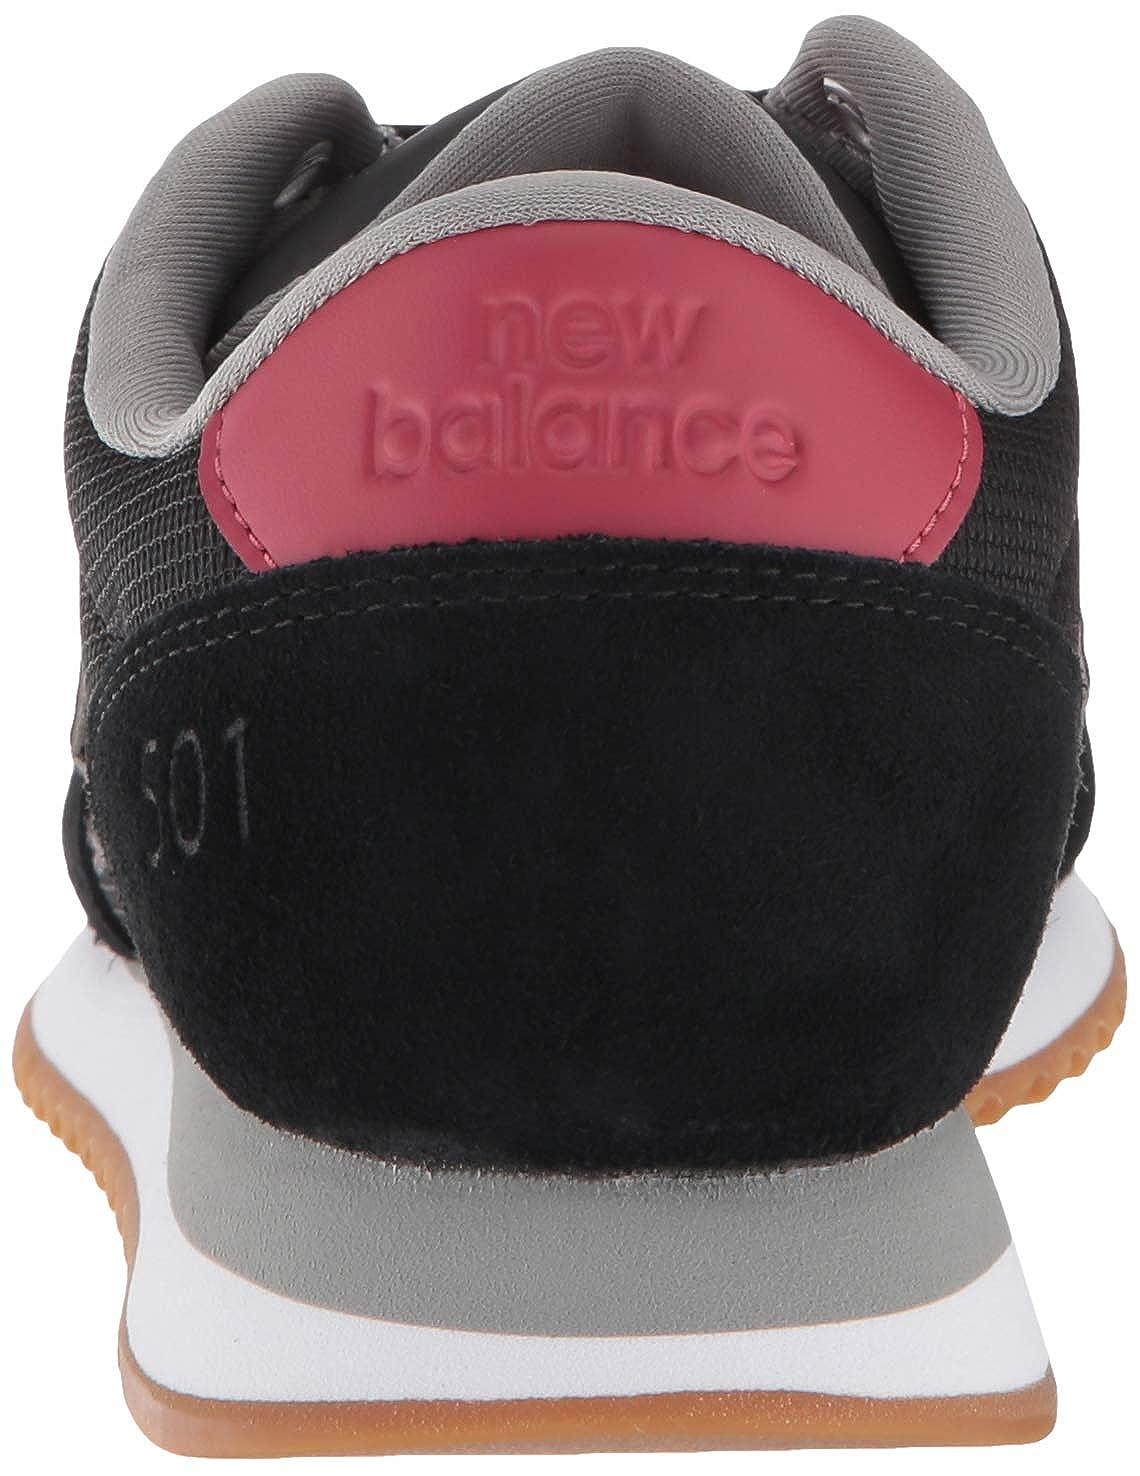 New Balance Damen Wl501v1 Wl501v1 Wl501v1 Turnschuhe  7d2f66